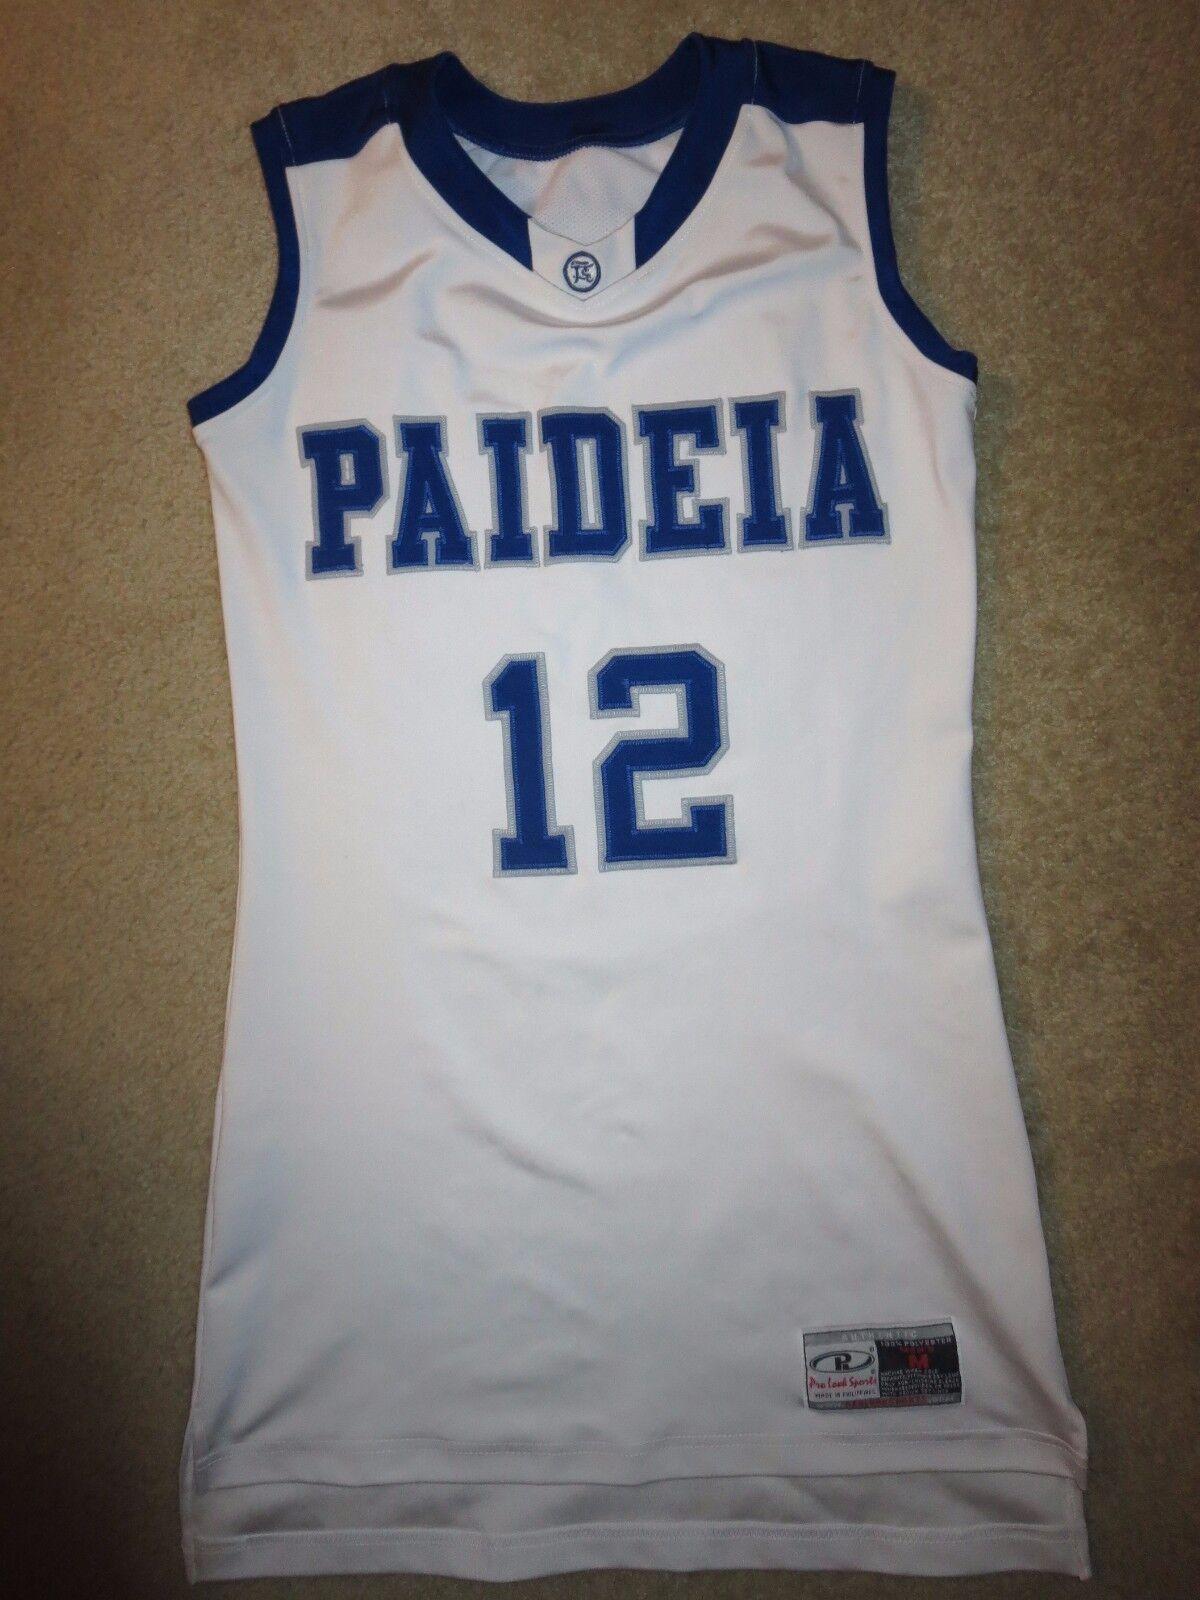 Paideia Escuela Pitones  12 Juego de Baloncesto Usado Jersey M